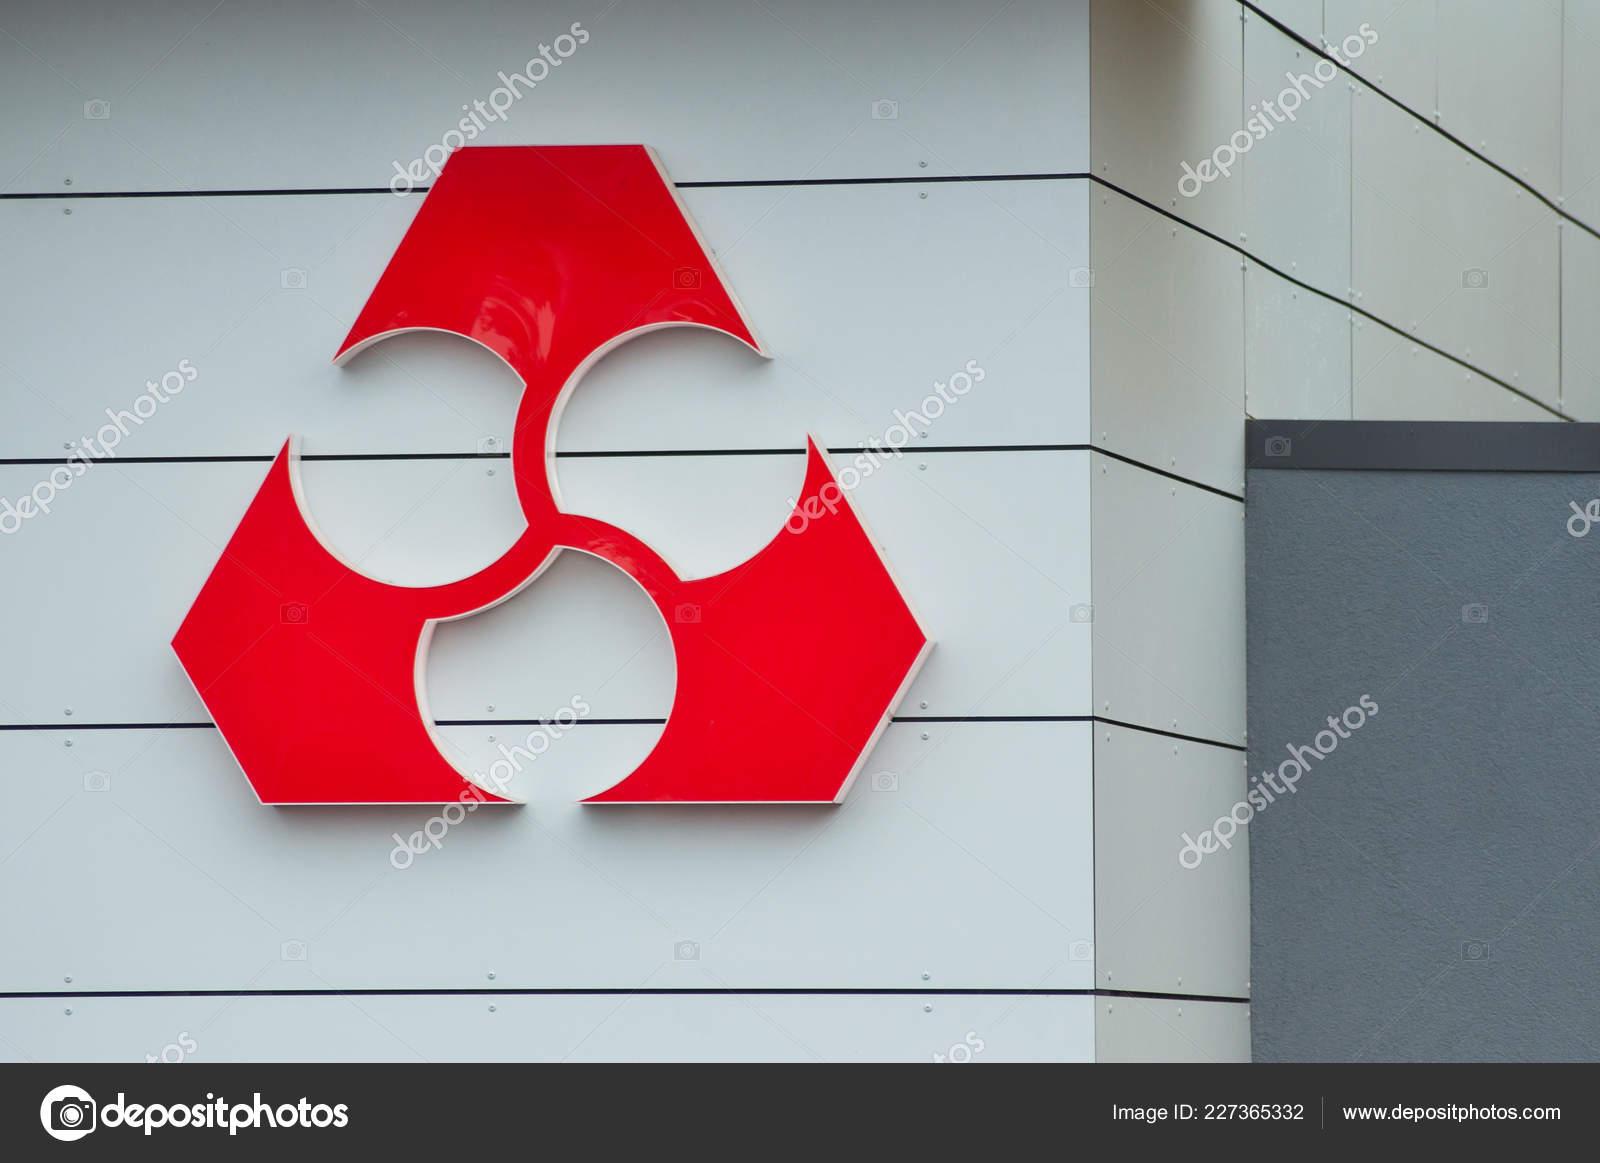 602ee5f0440 Mulhouse - France - 20 novembre 2018 - « crédit mutuel » français Banque  affichage du logo sur la façade du bâtiment moderne — Image de ...